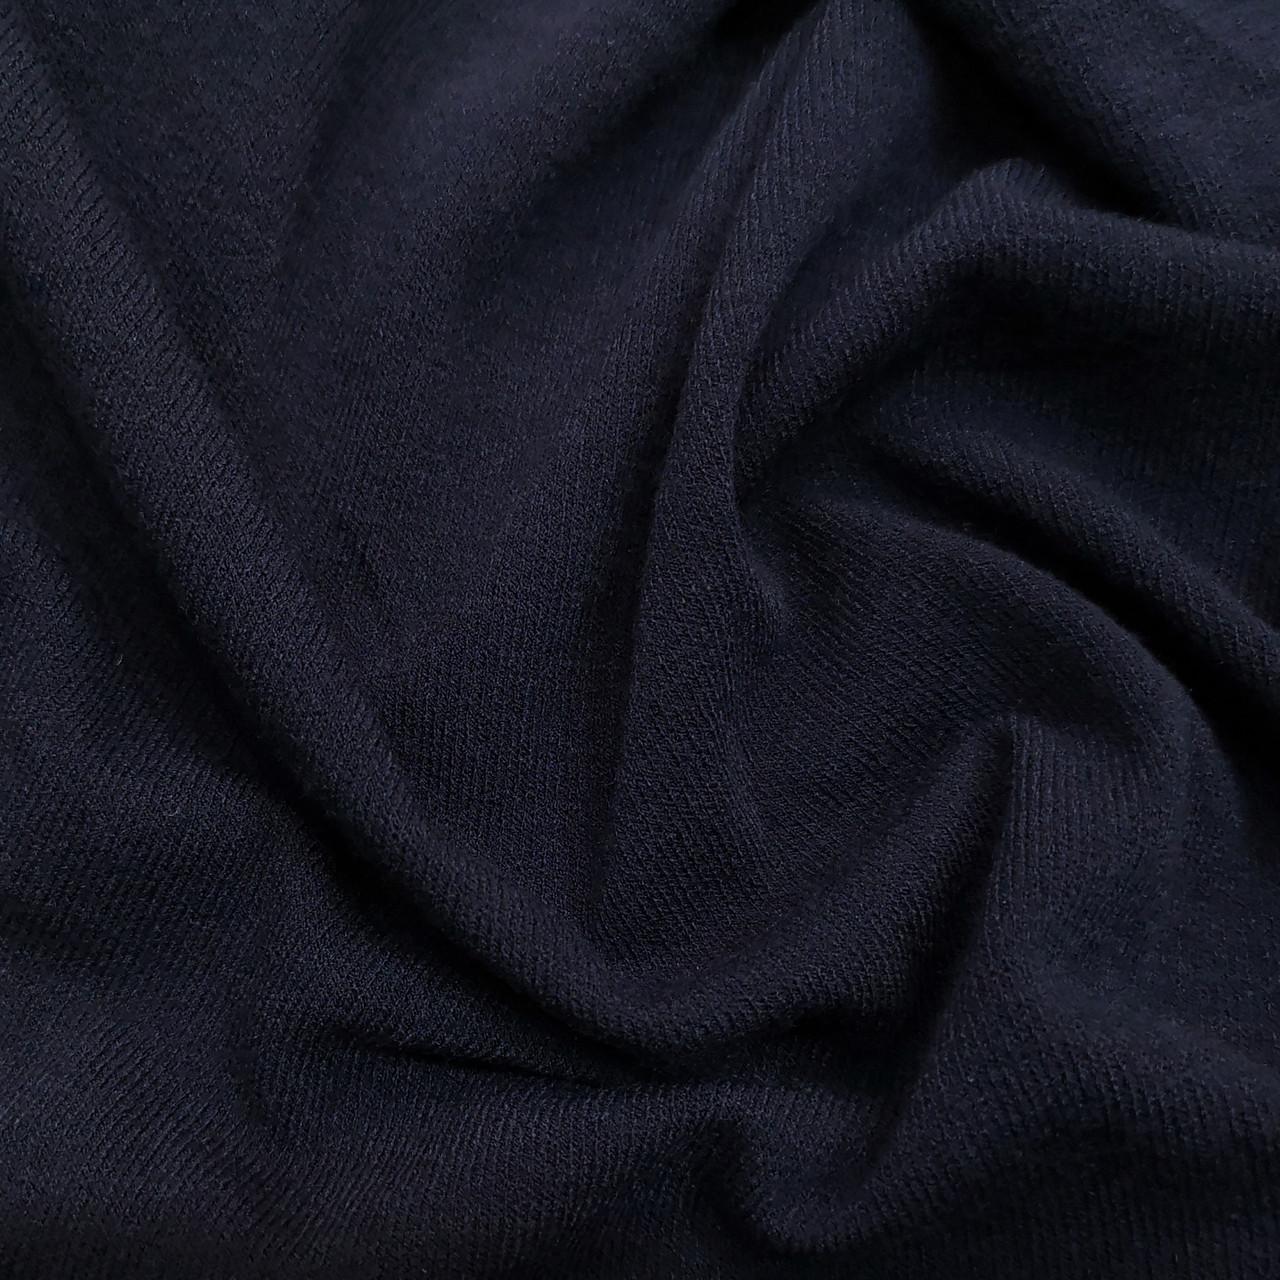 Трикотаж ангора тонкая темно-синяя